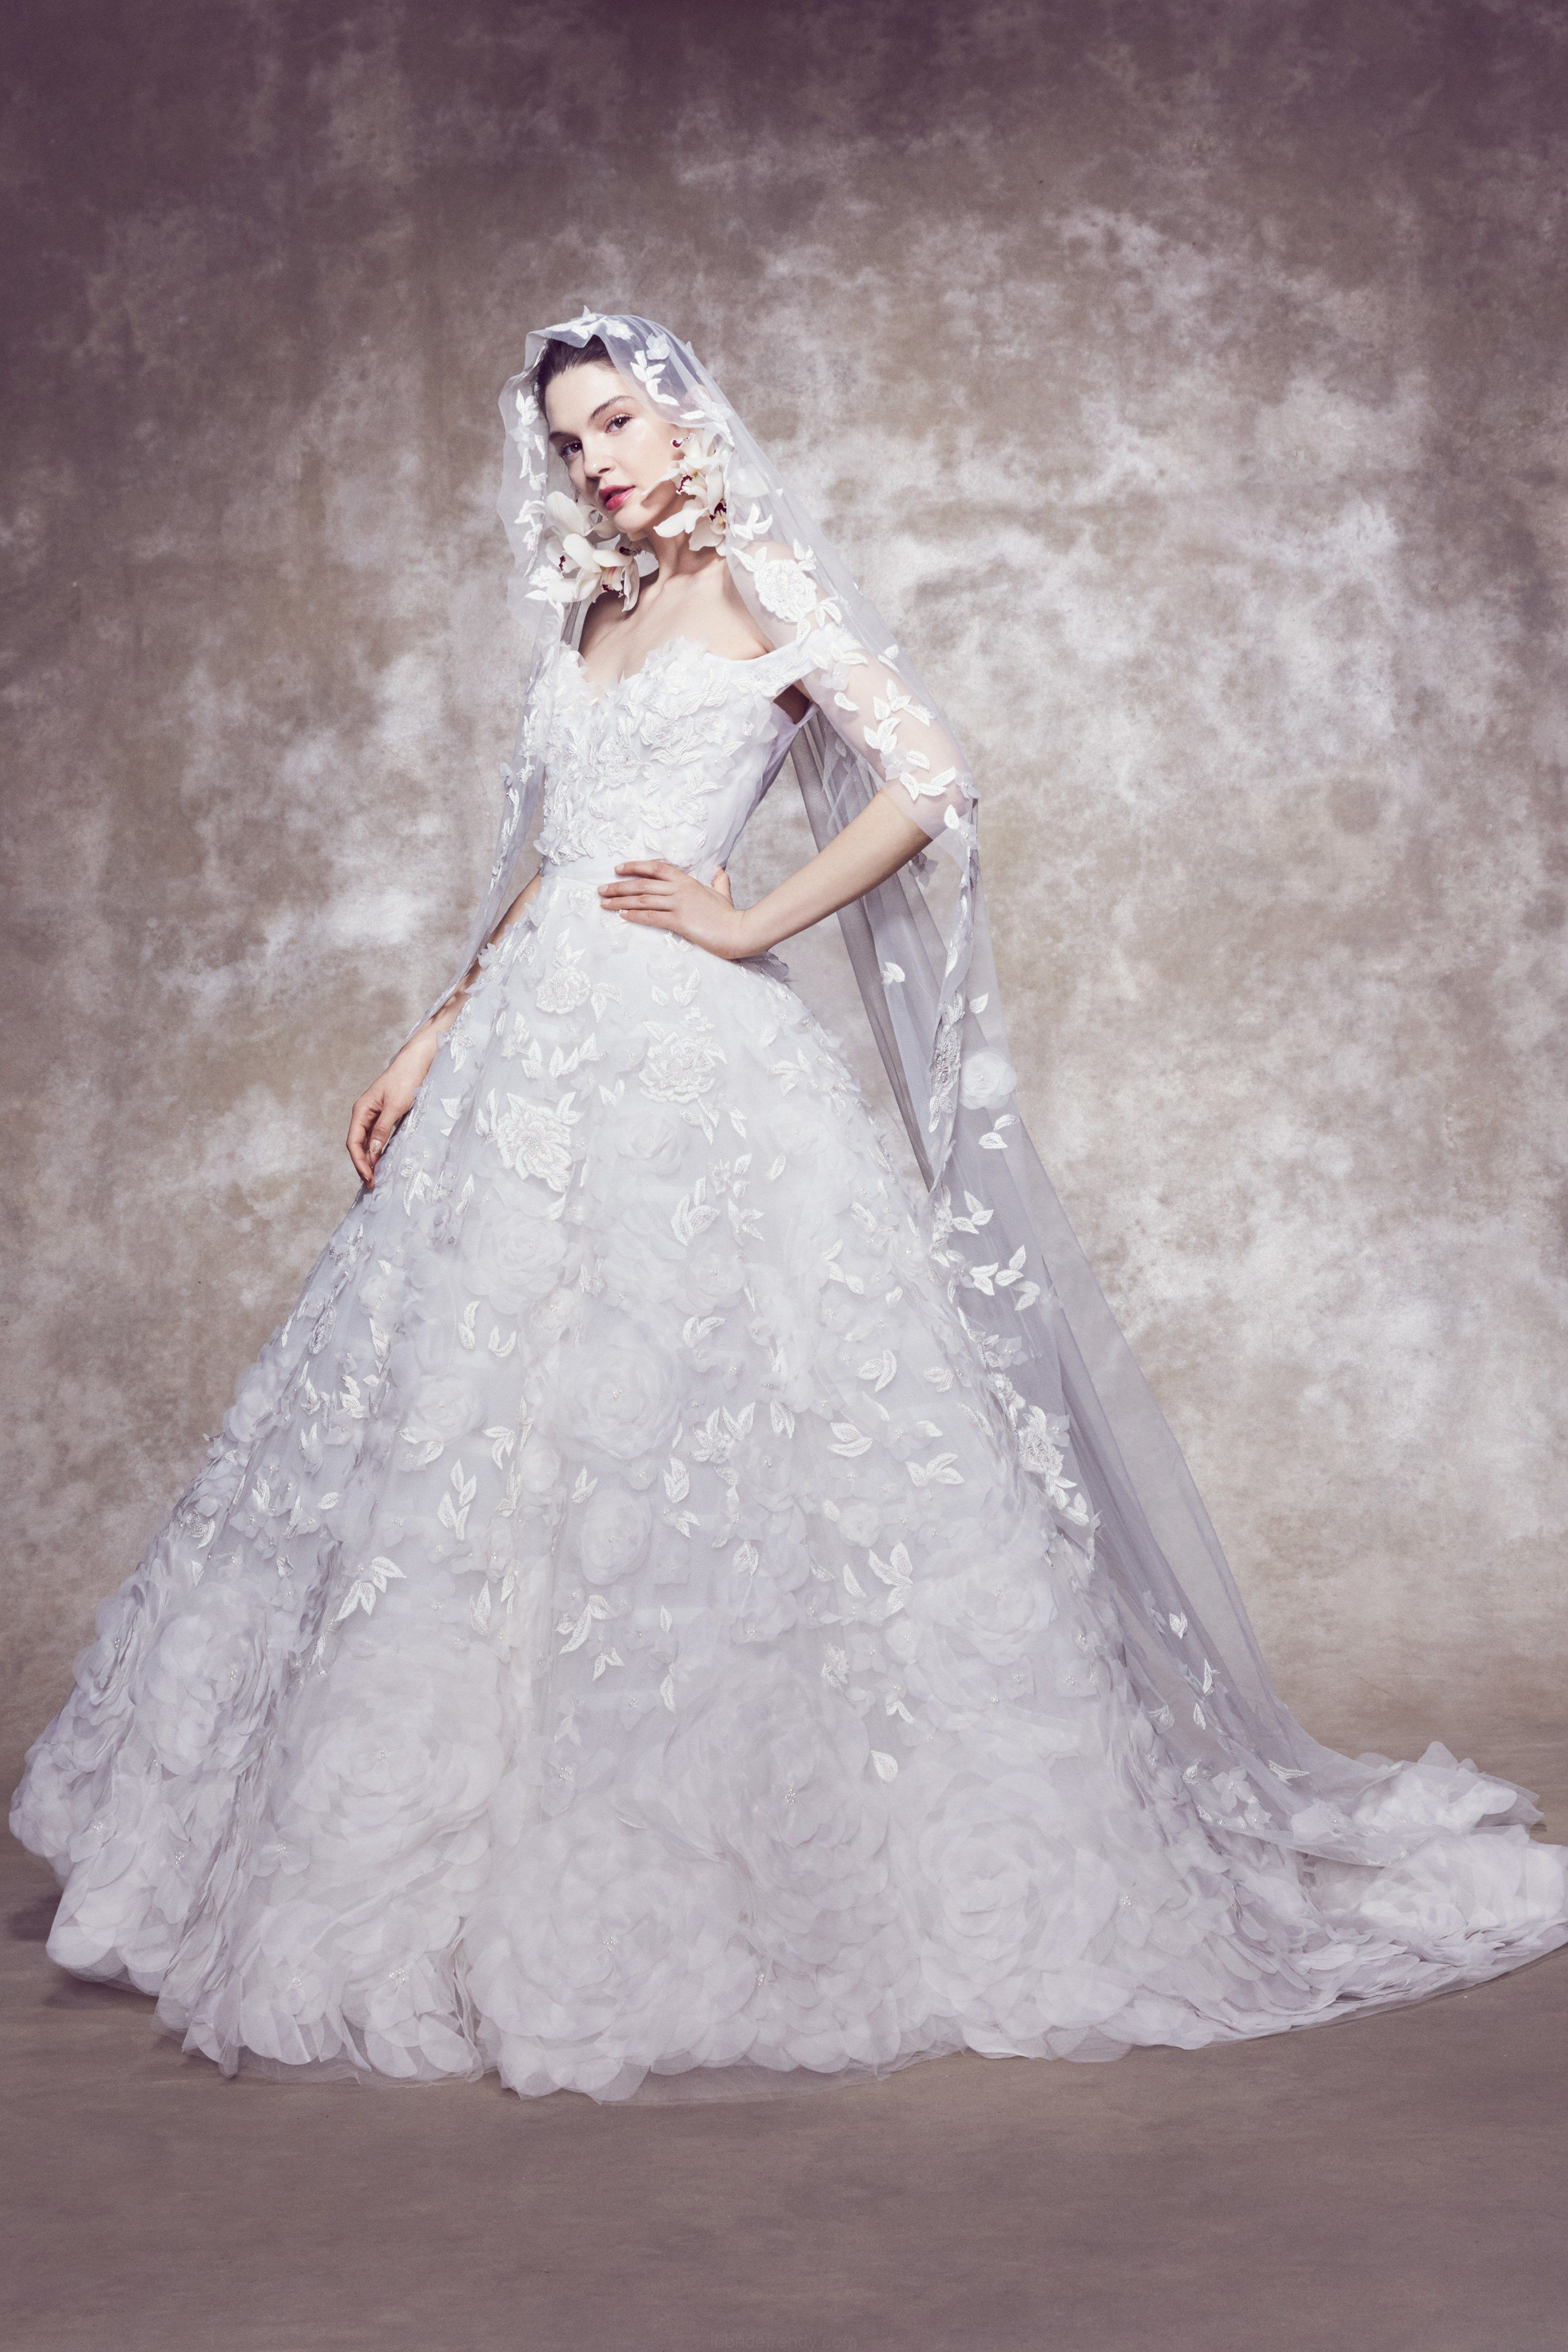 Marchesa Bridal Primavera 2020 Sfilata Di Moda Nel 2020 Abiti Da Sposa Primavera Matrimoniale Stile Sposo